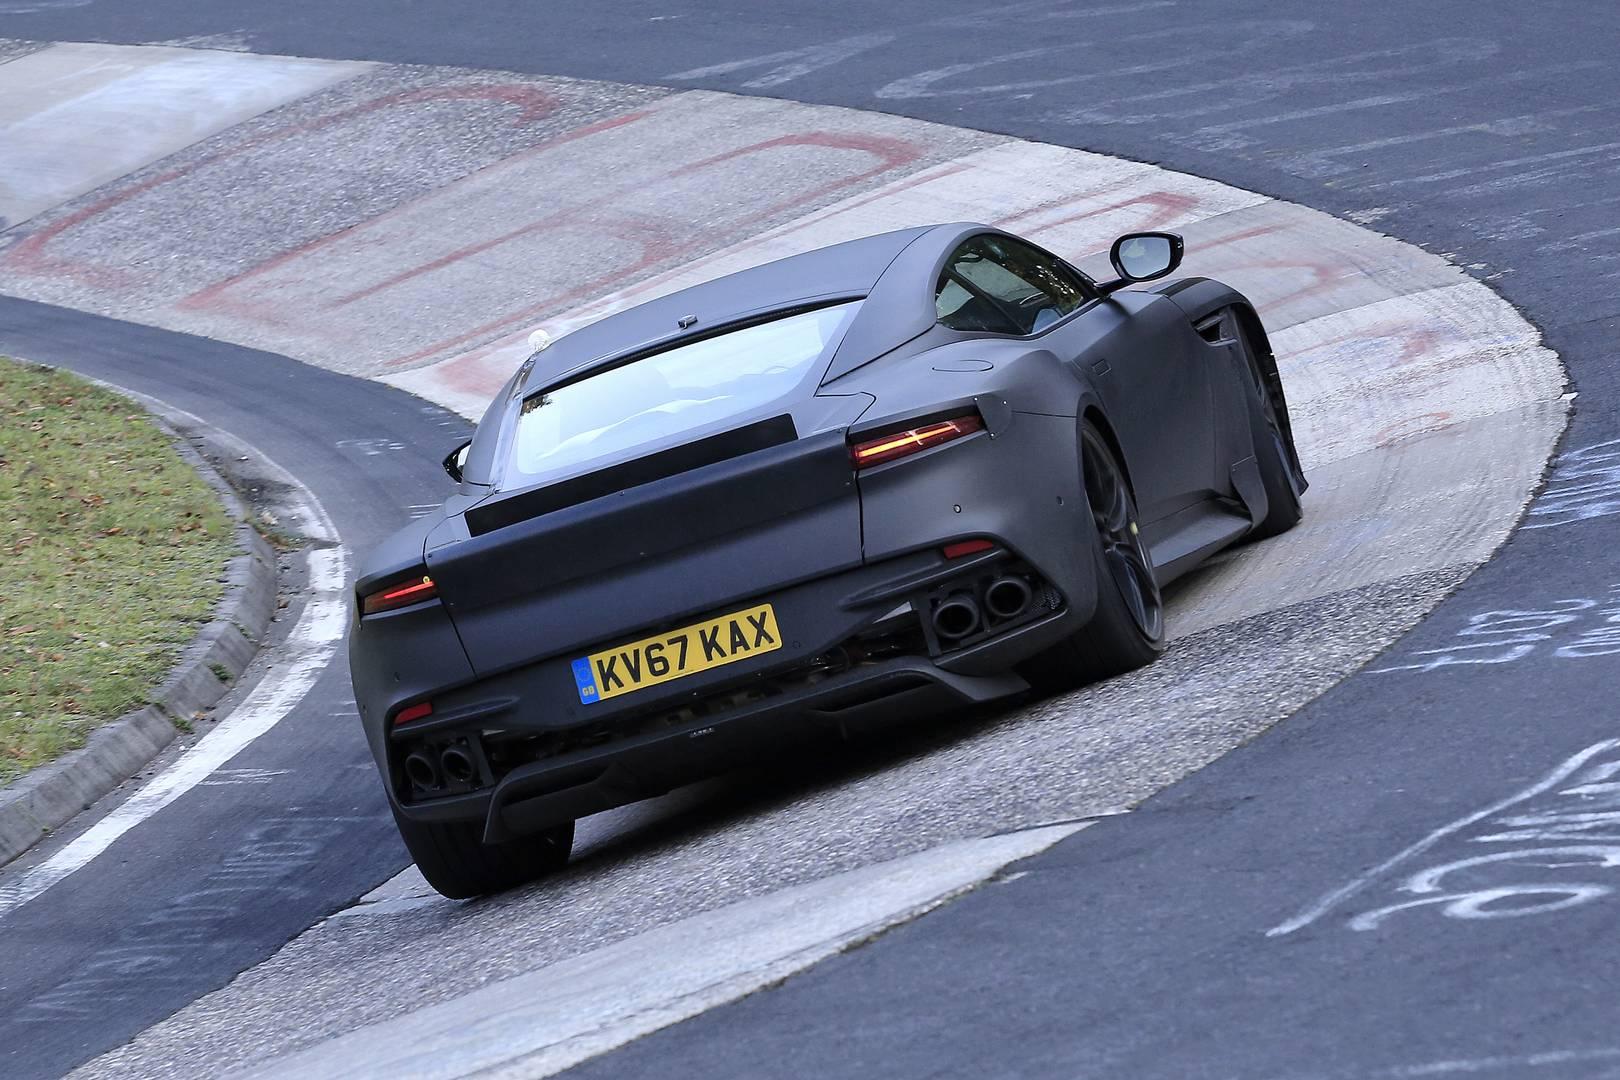 Мощность будет исходить от 5,2-литрового двухцилиндрового V12 Aston Martin, а не от V8, который, как ожидается, будет находиться в новом Vanquish и недавно представленном DB11. Двигатель рассчитан на 600 лошадиных сил в DB11, но будет поставлять знач